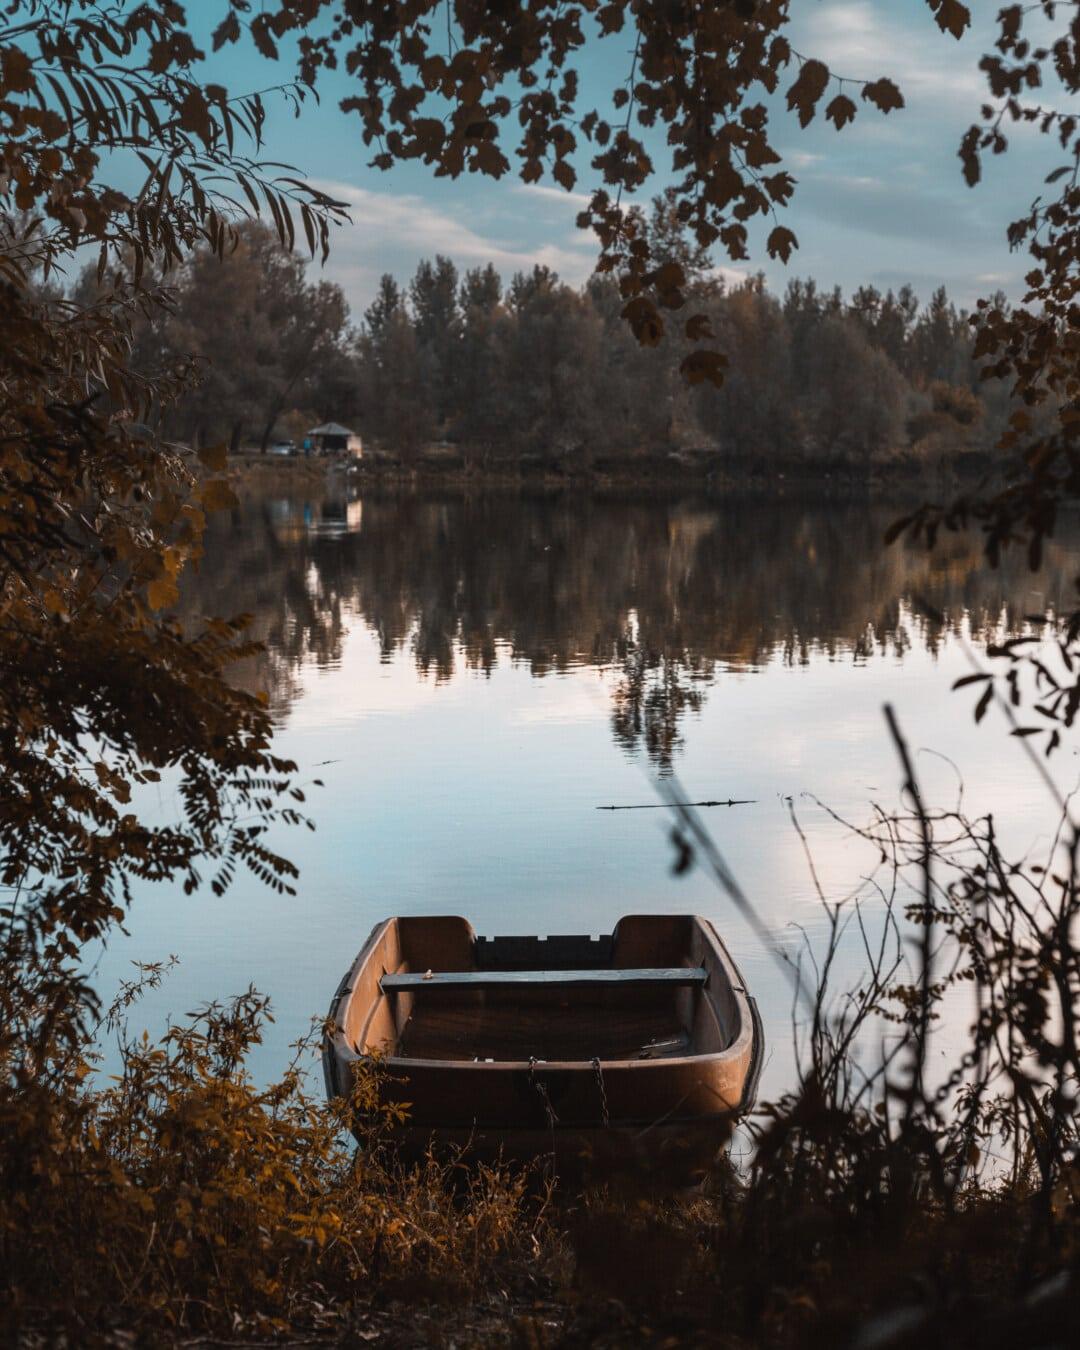 Ruhe, Atmosphäre, ruhig, Angelboot/Fischerboot, Boot, Küste, Sommerzeit, Reflexion, See, Landschaft